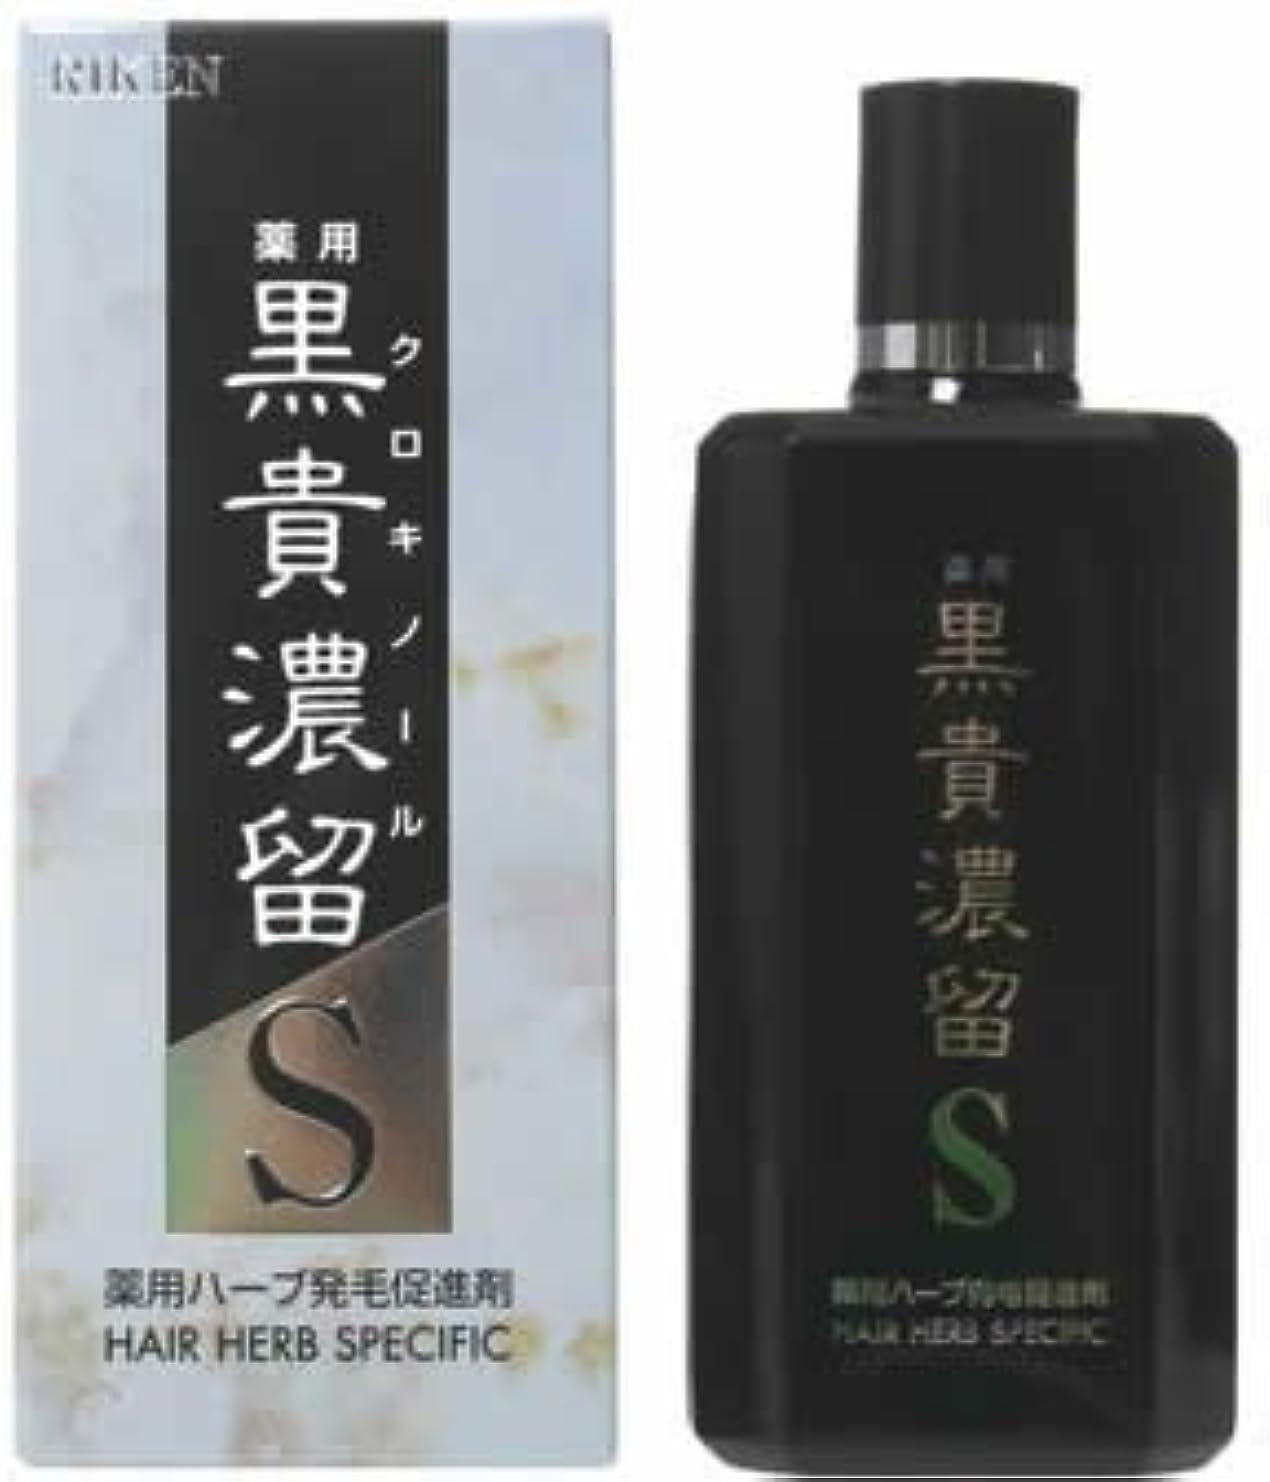 インテリアモート褒賞ユニマットリケン 黒貴濃留S(クロキノールS) 150ml